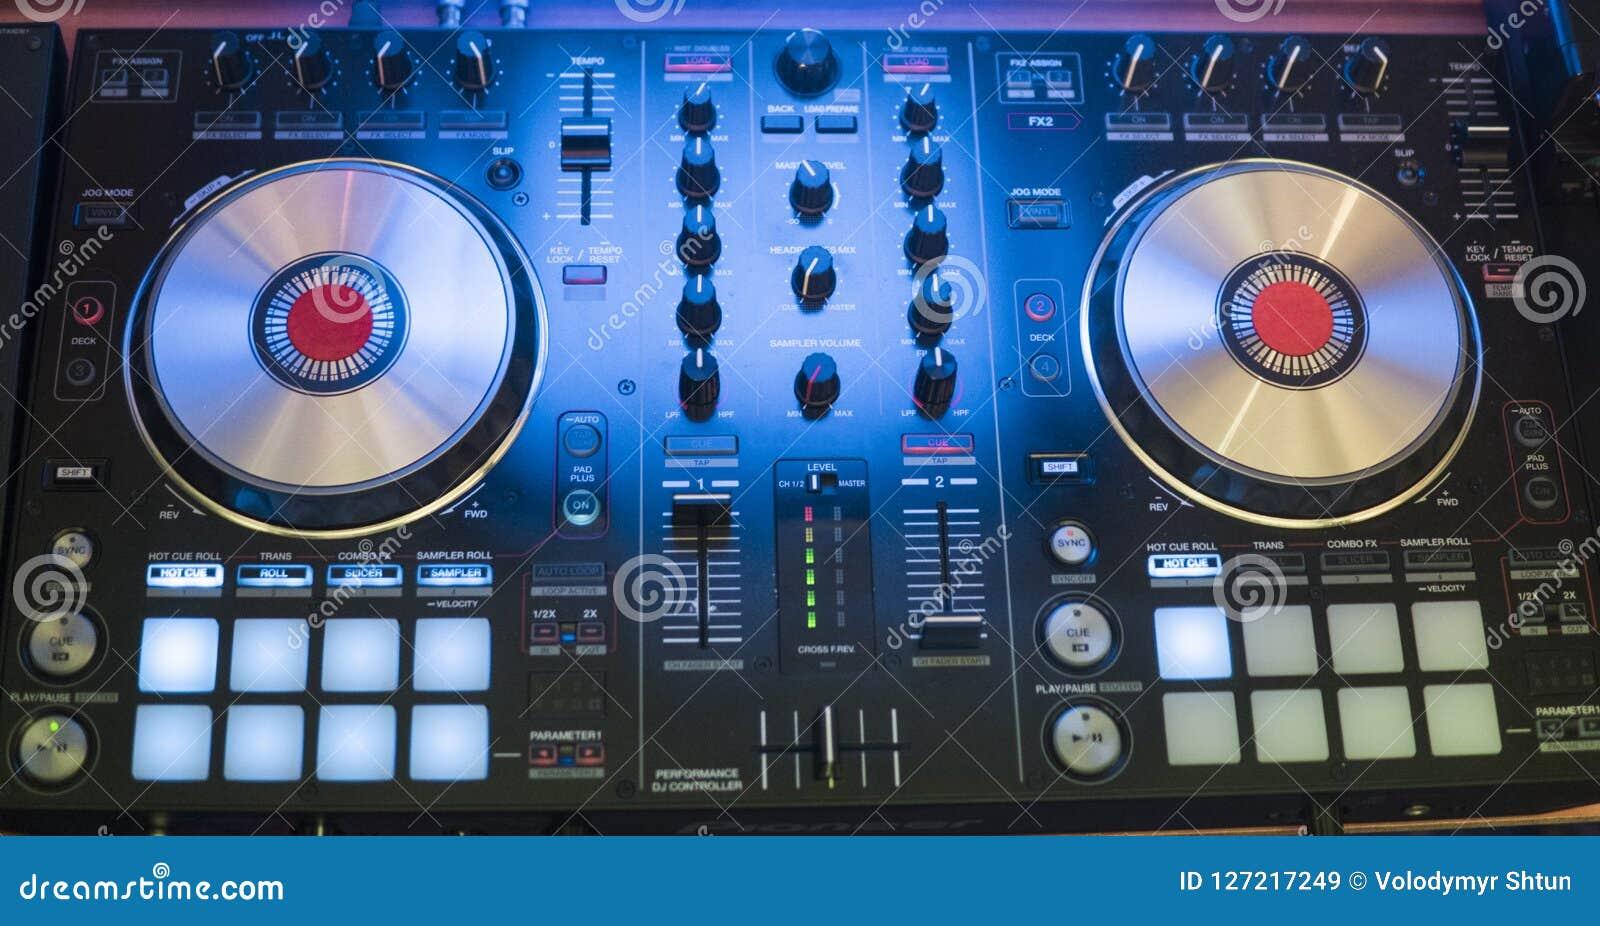 DJ戏剧和混合音乐在数字式搅拌器控制器 特写镜头DJ表现控制器,数字式密地转盘系统